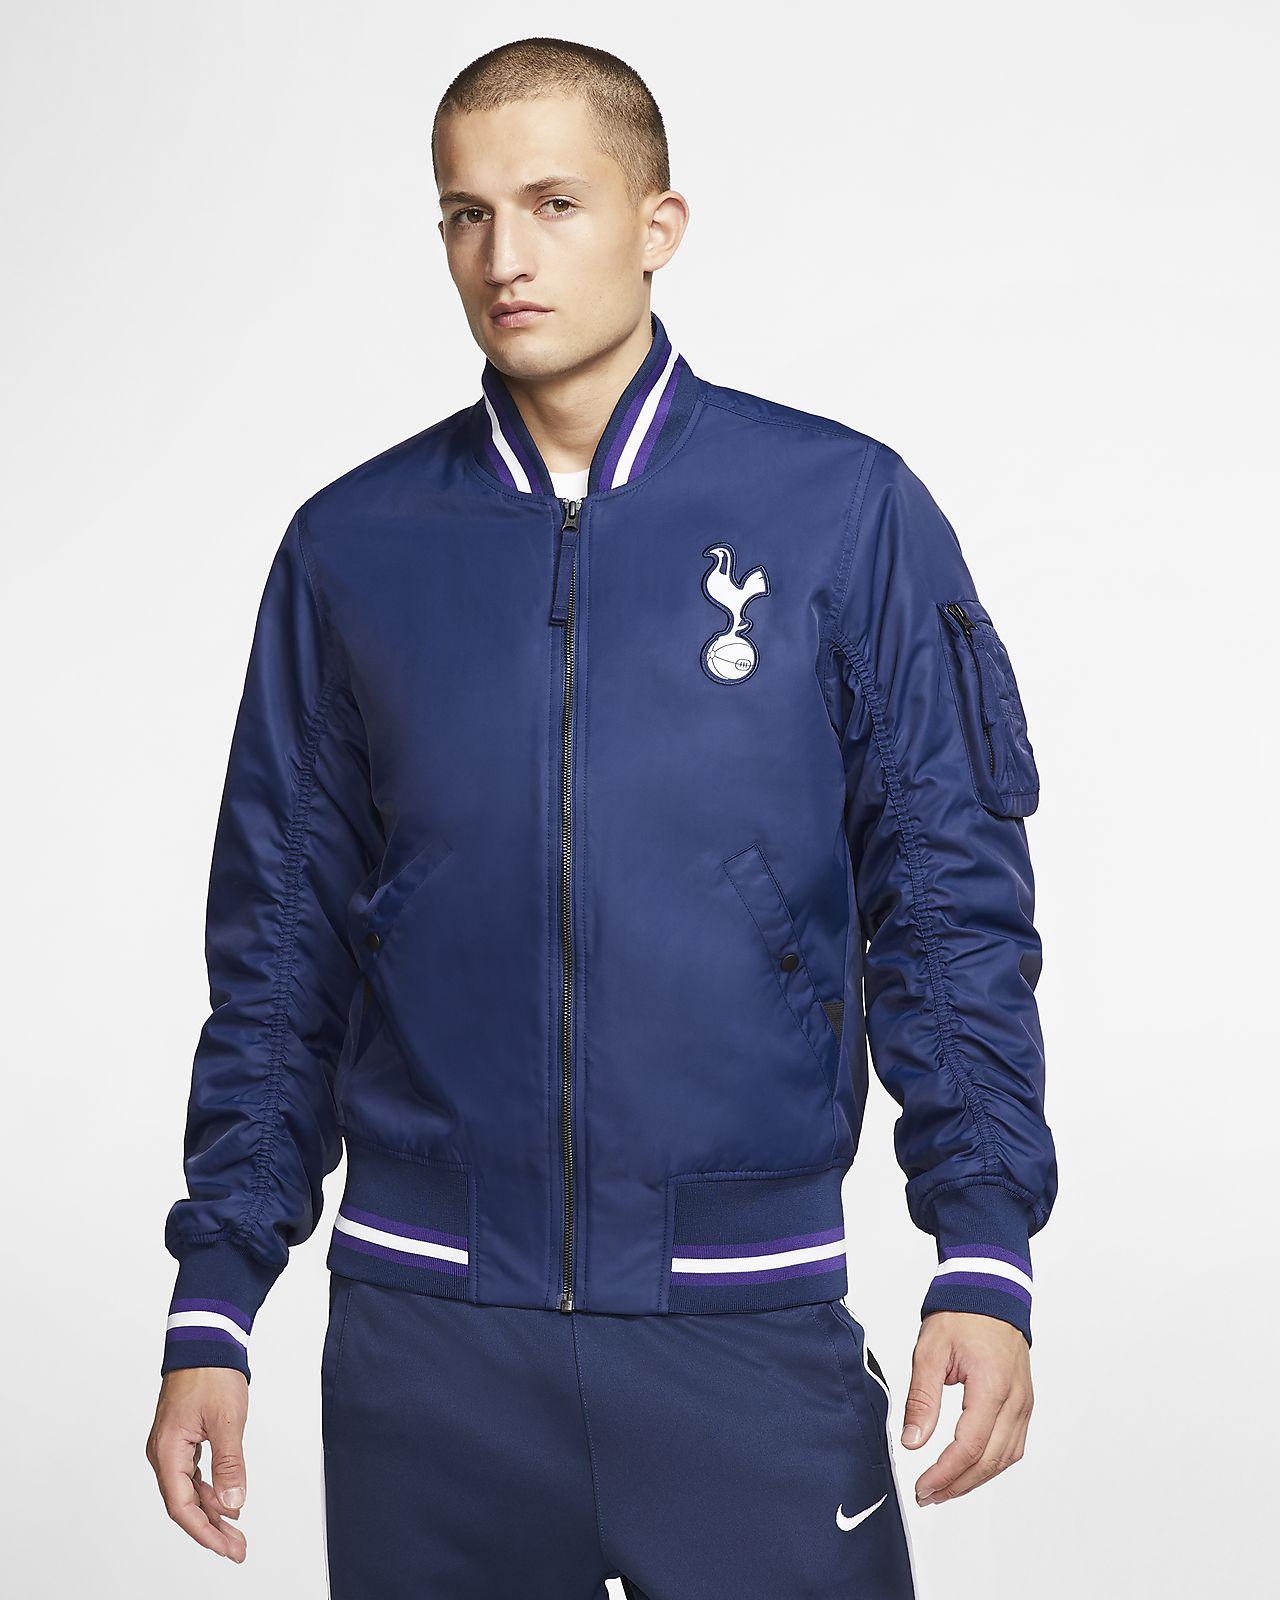 Tottenham Hotspur AF-1 Men's Woven Jacket